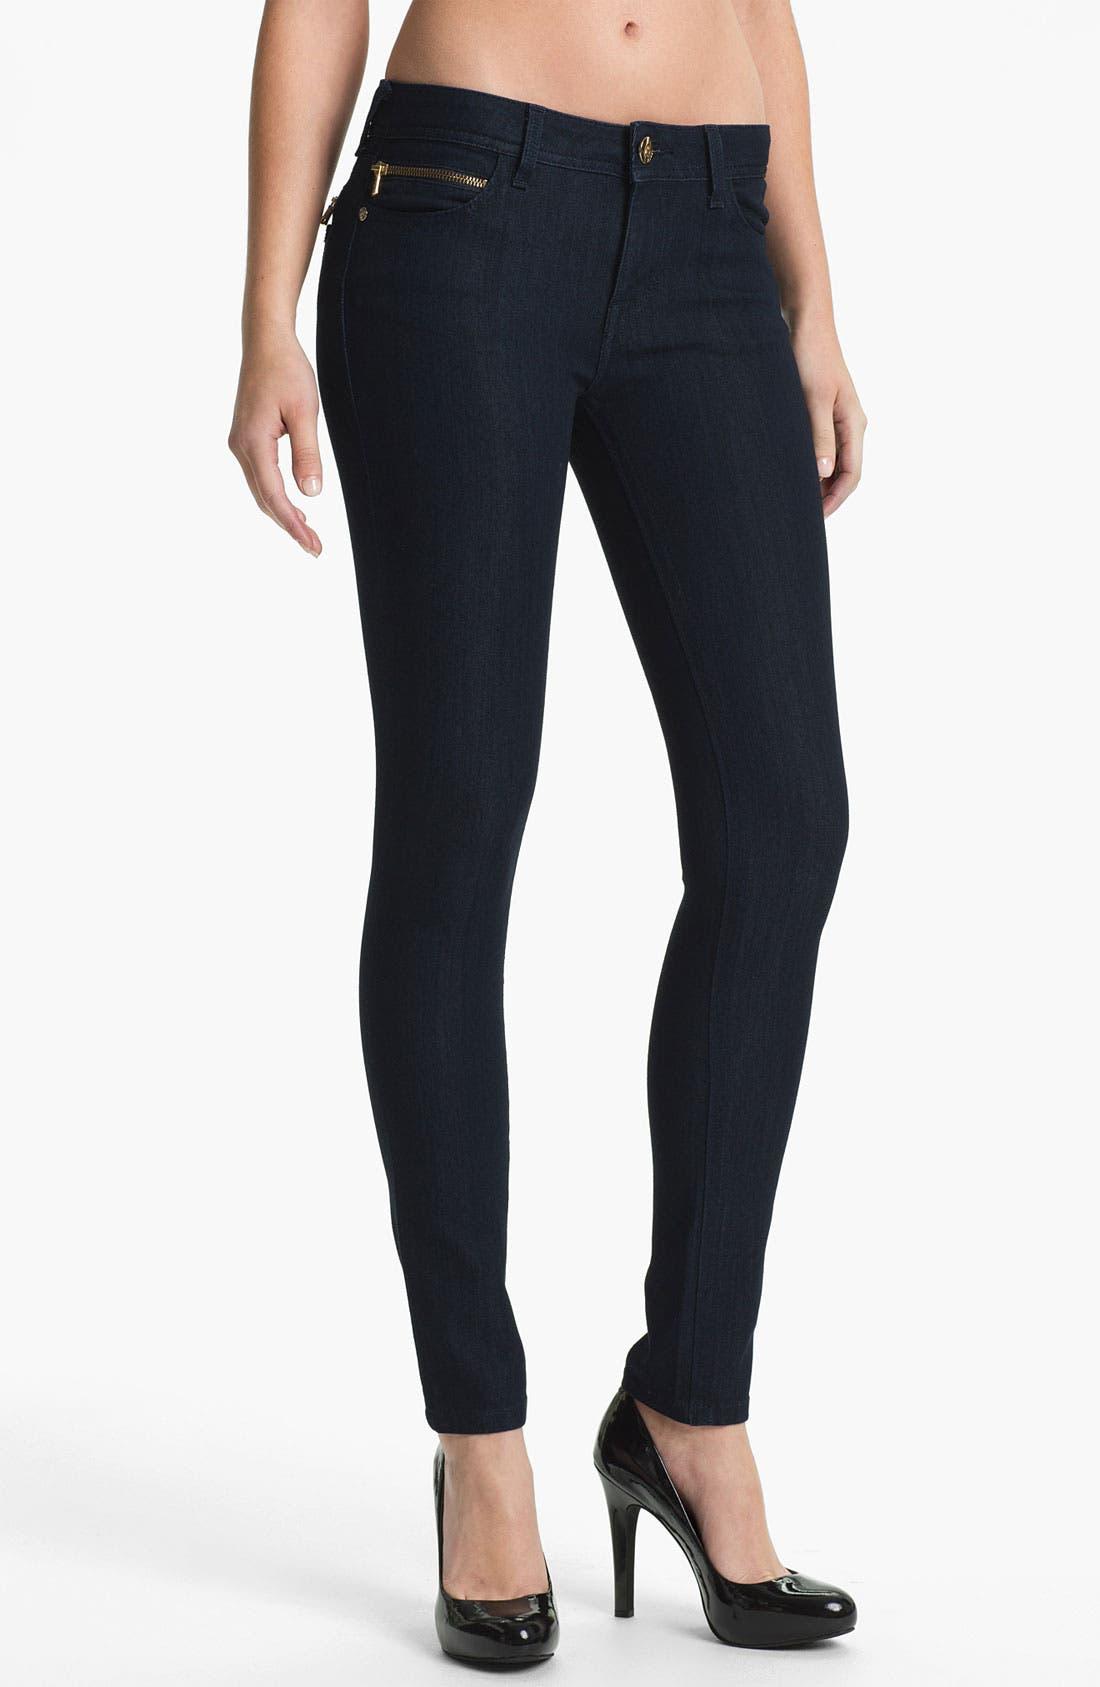 Main Image - DL1961 'Amanda' X-Fit Stretch Denim Zip Pocket Skinny Jeans (Archer)